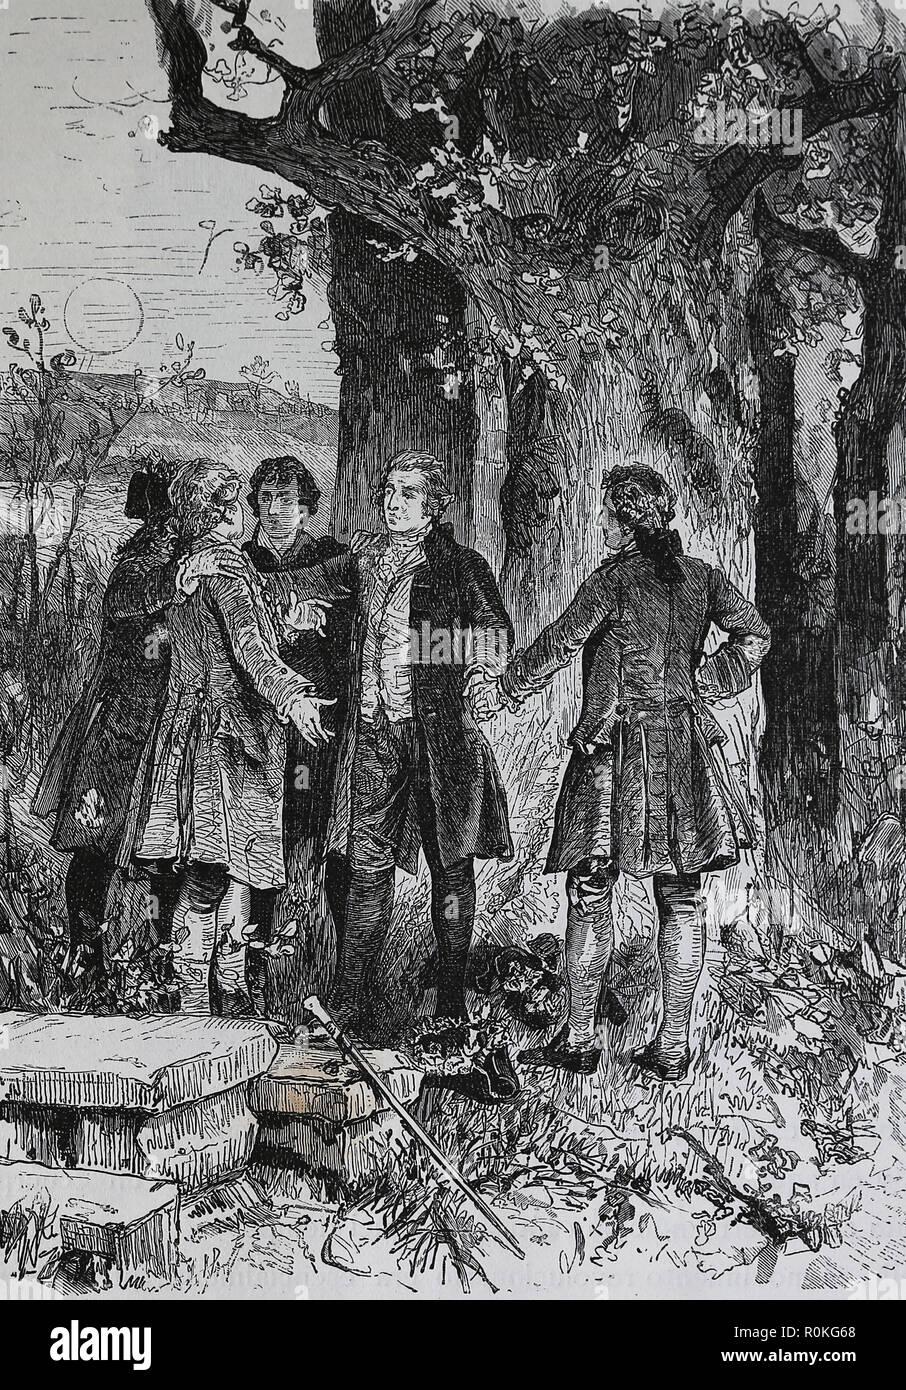 Grove Liga von Göttingen. Deutsche literarische Gruppe. 24:00 Stiftung in einem Eichenholz Grove, 12. September 1772. Stockbild